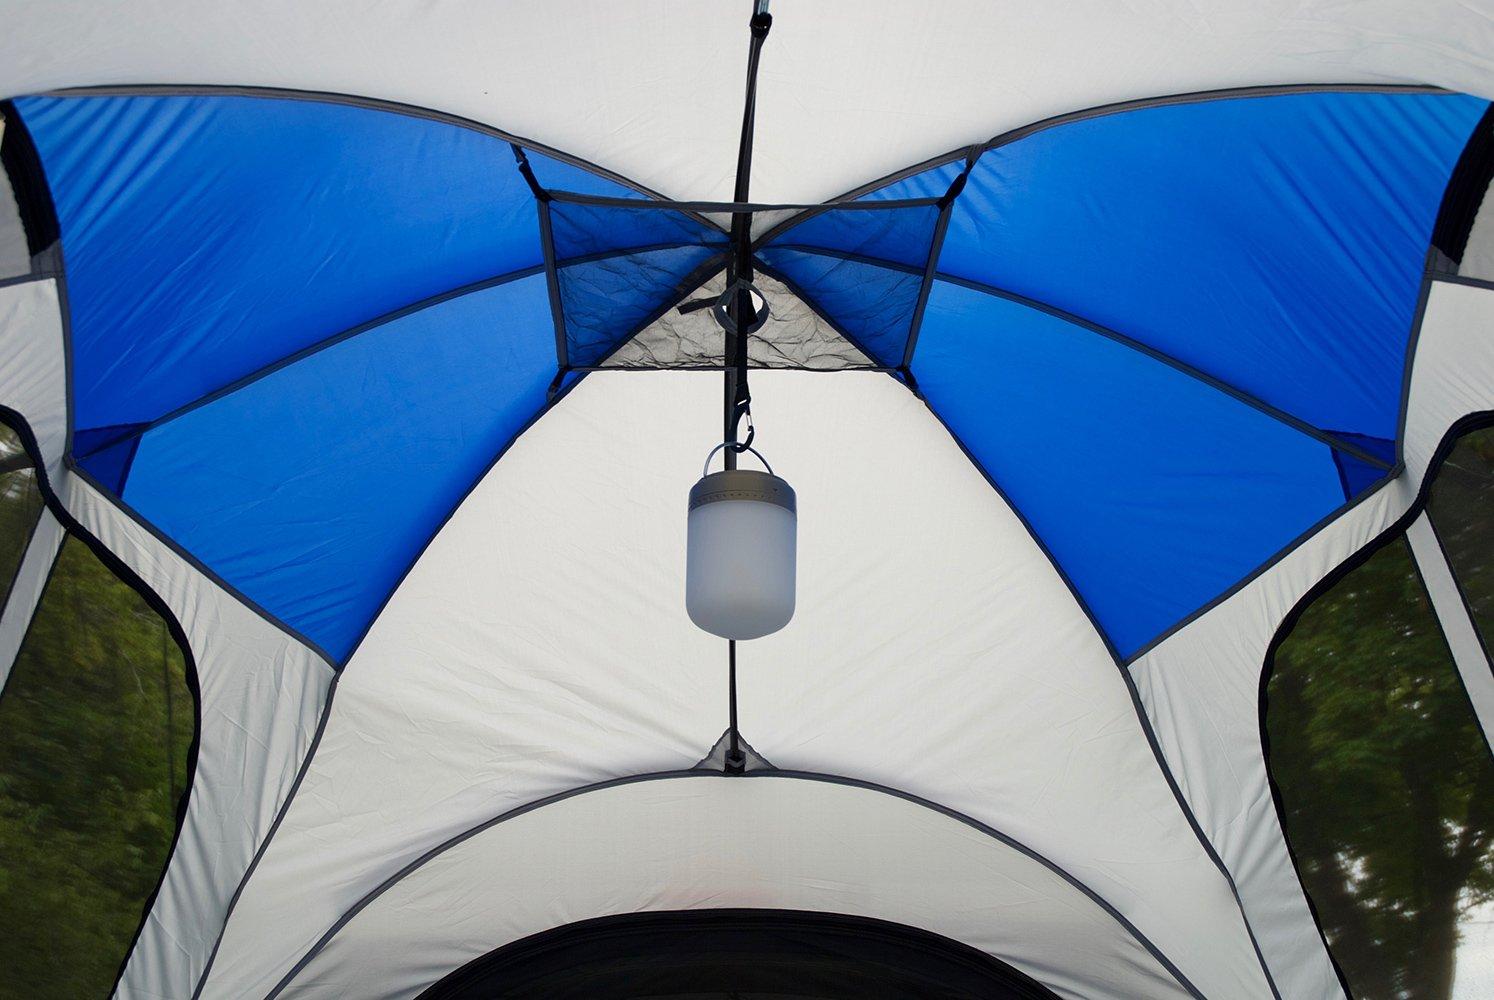 Truck Bed Mattress >> Napier Sportz Truck Tent III, Sportz by Napier Pickup Tent 3